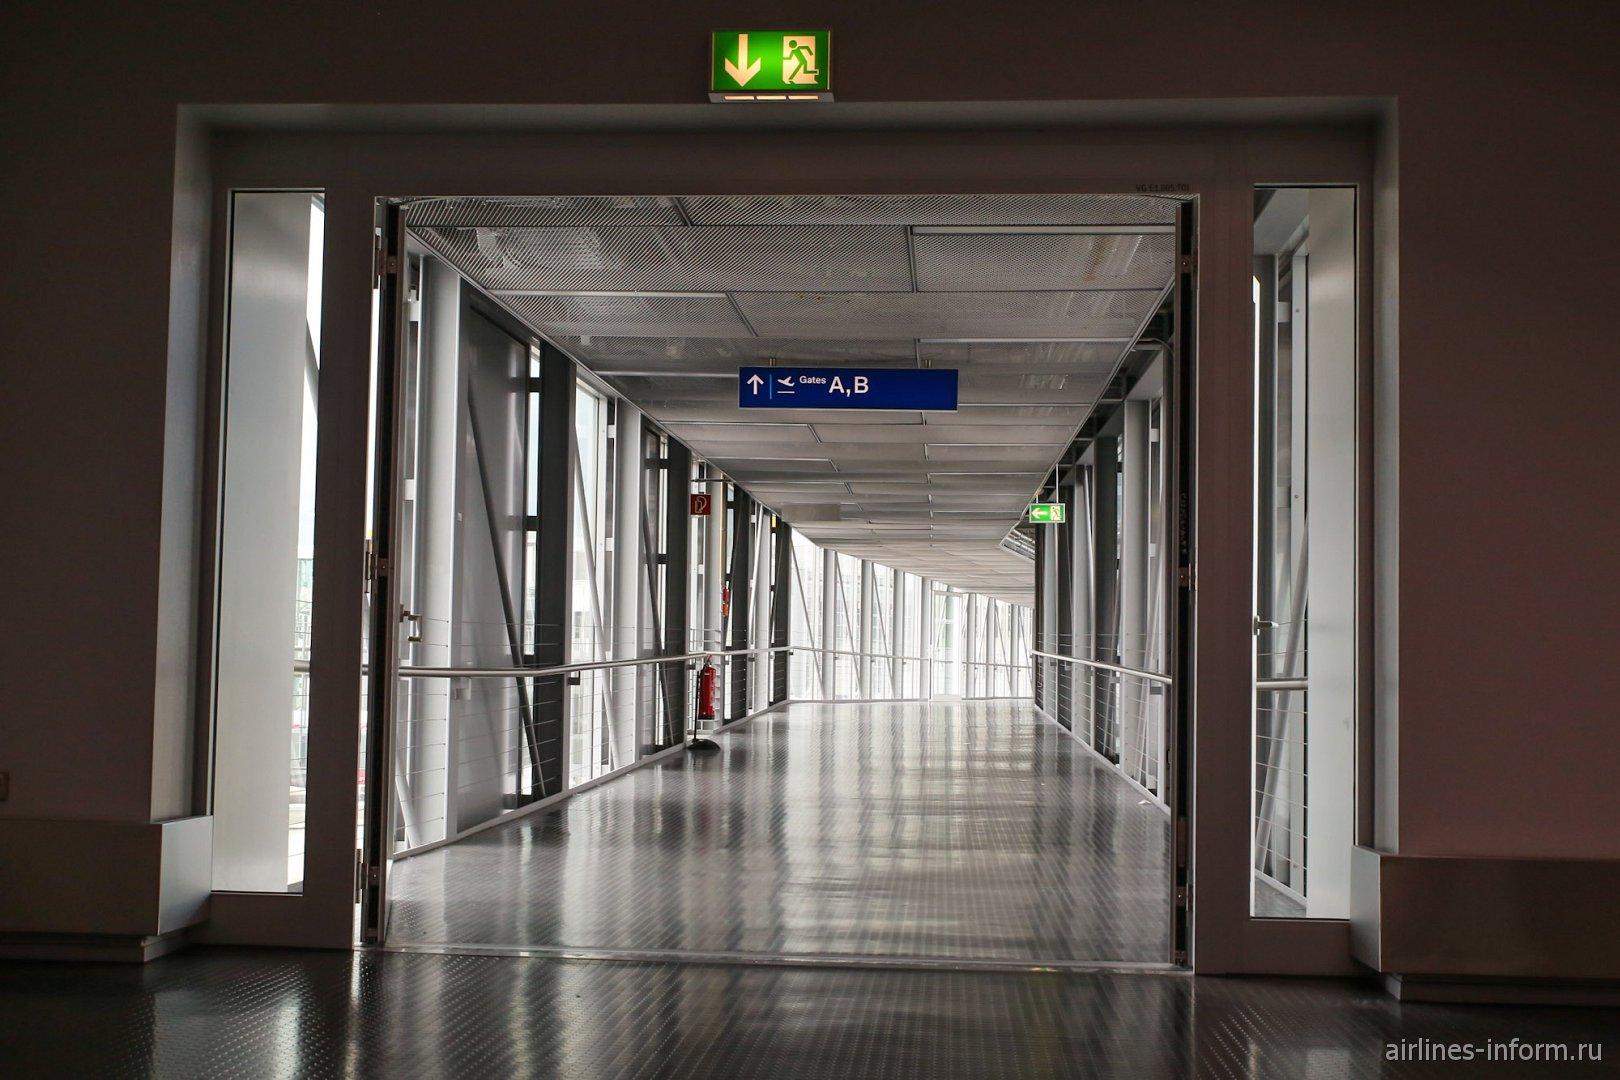 Переход в аэропорту Дюссельдорфа